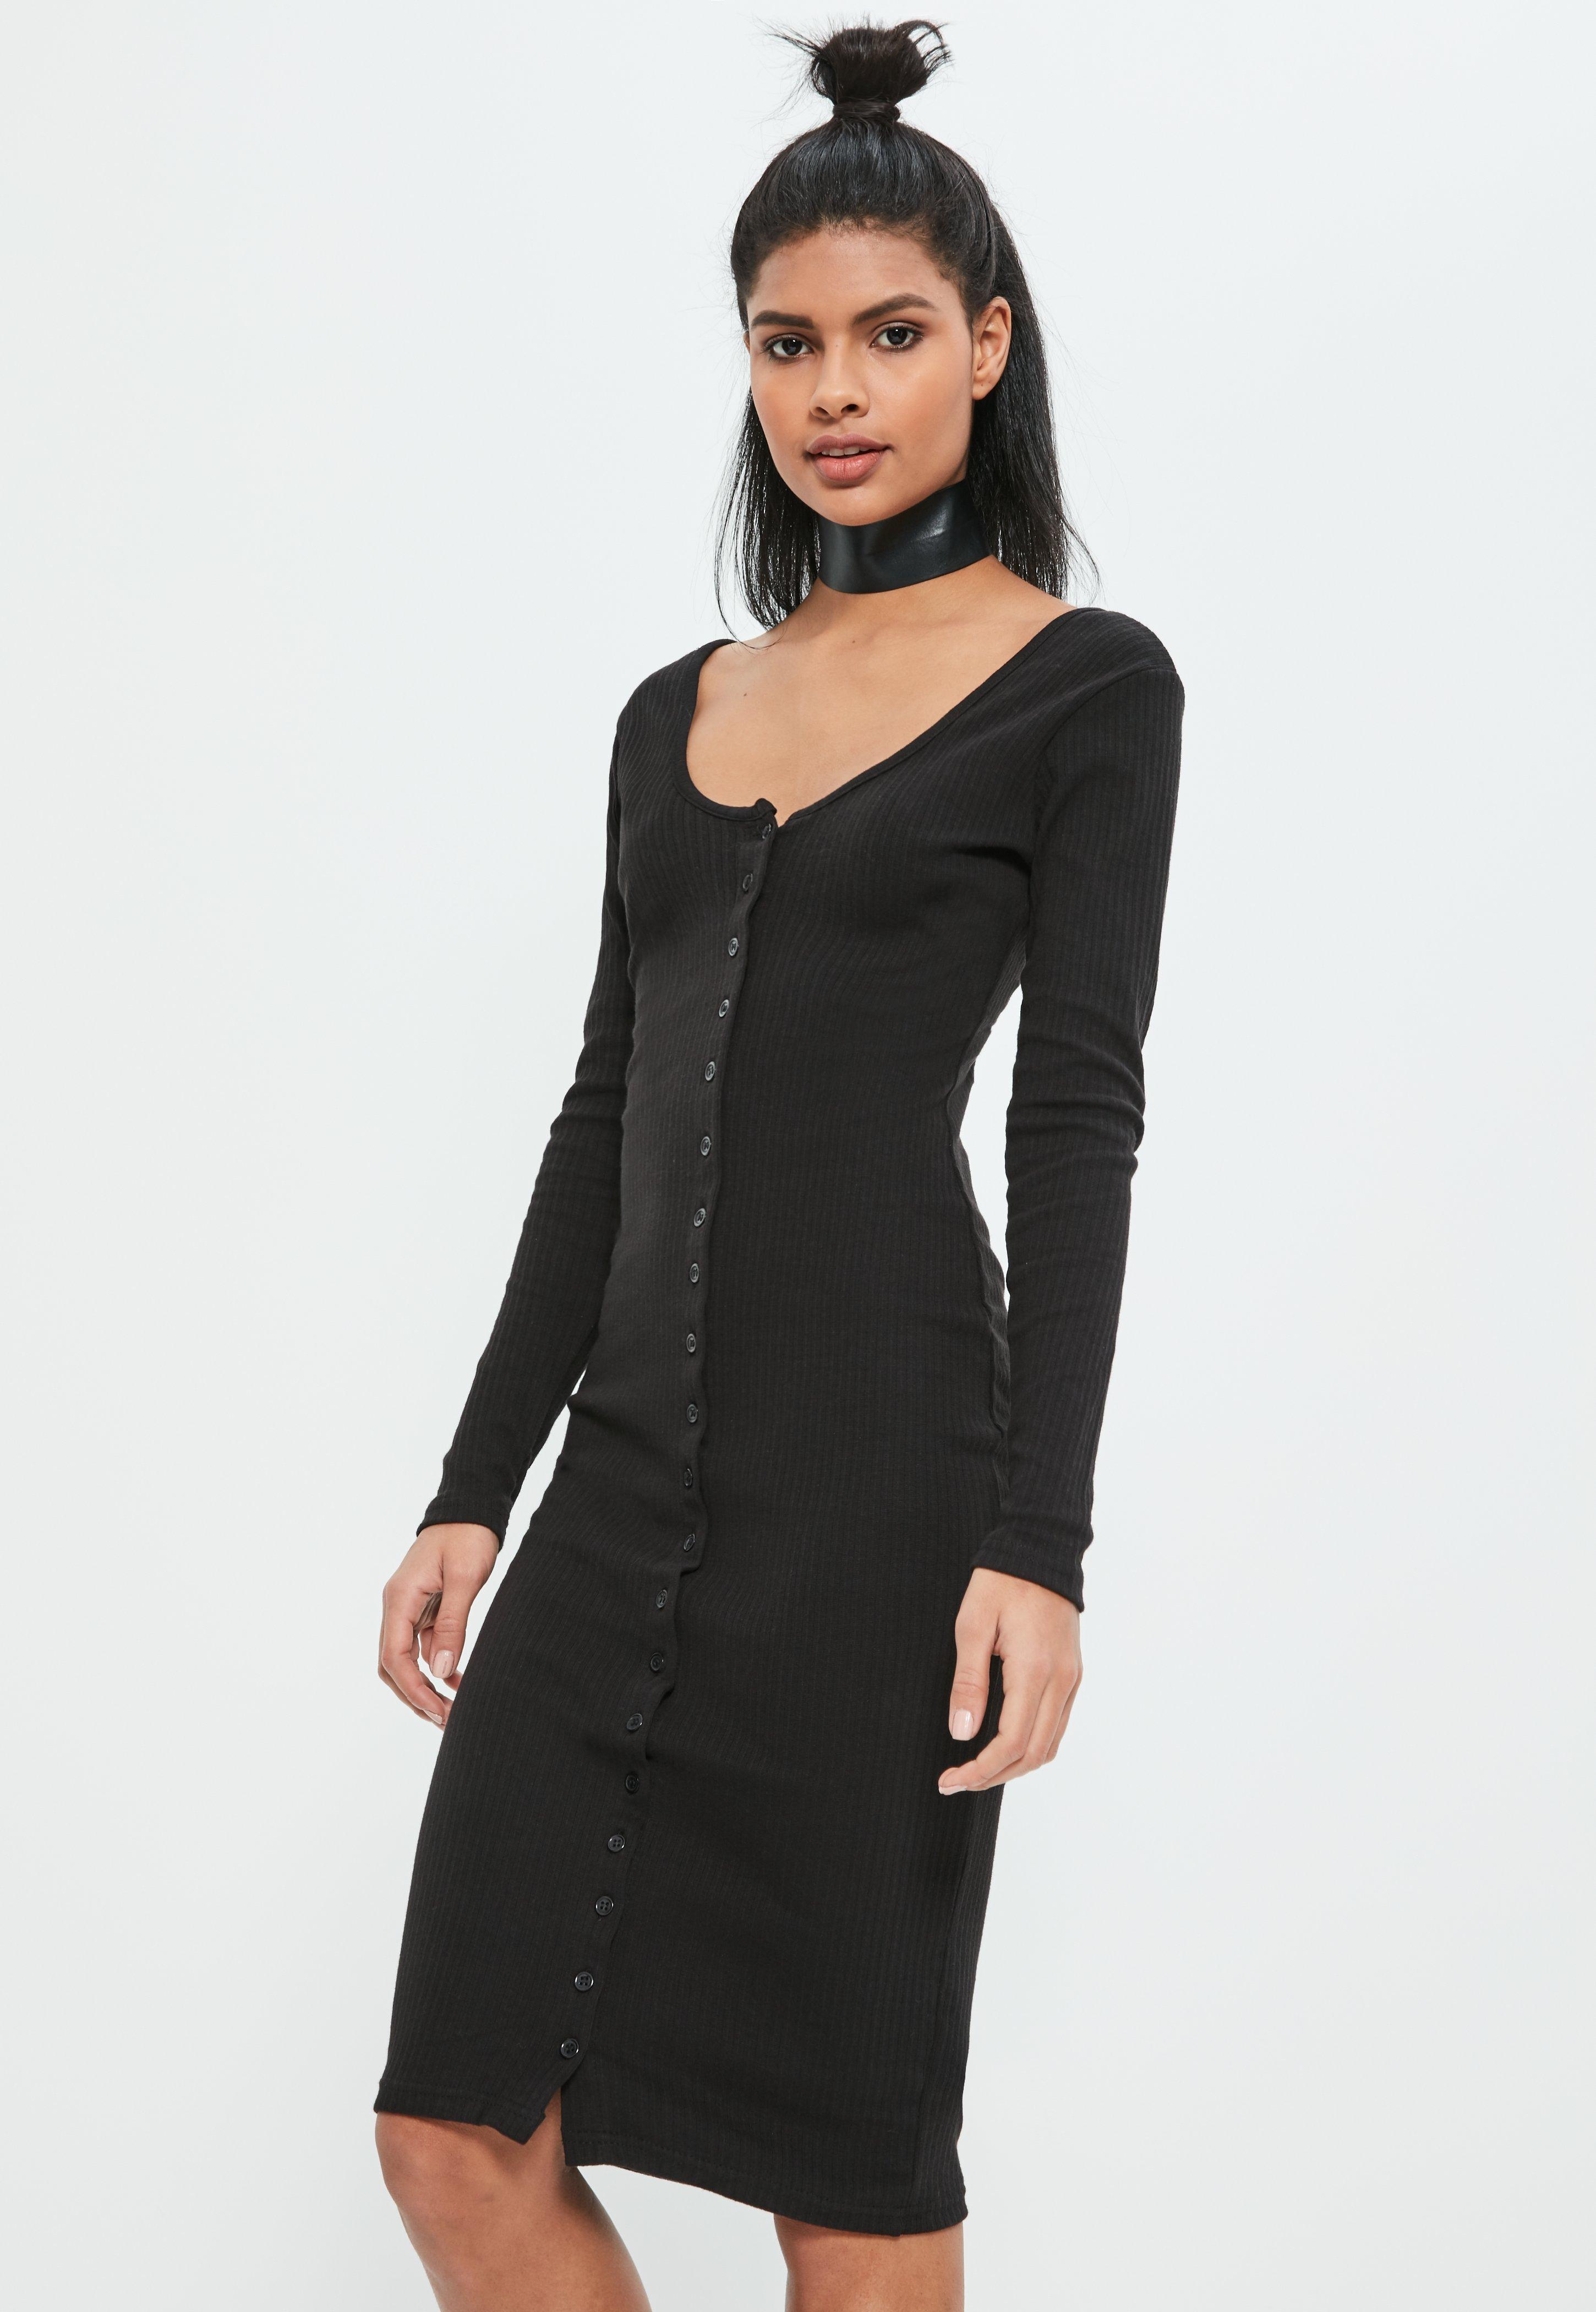 Black Ribbed Midi Dress - 14 / BLACK I Saw It First Sale Top Quality xyaLoYK